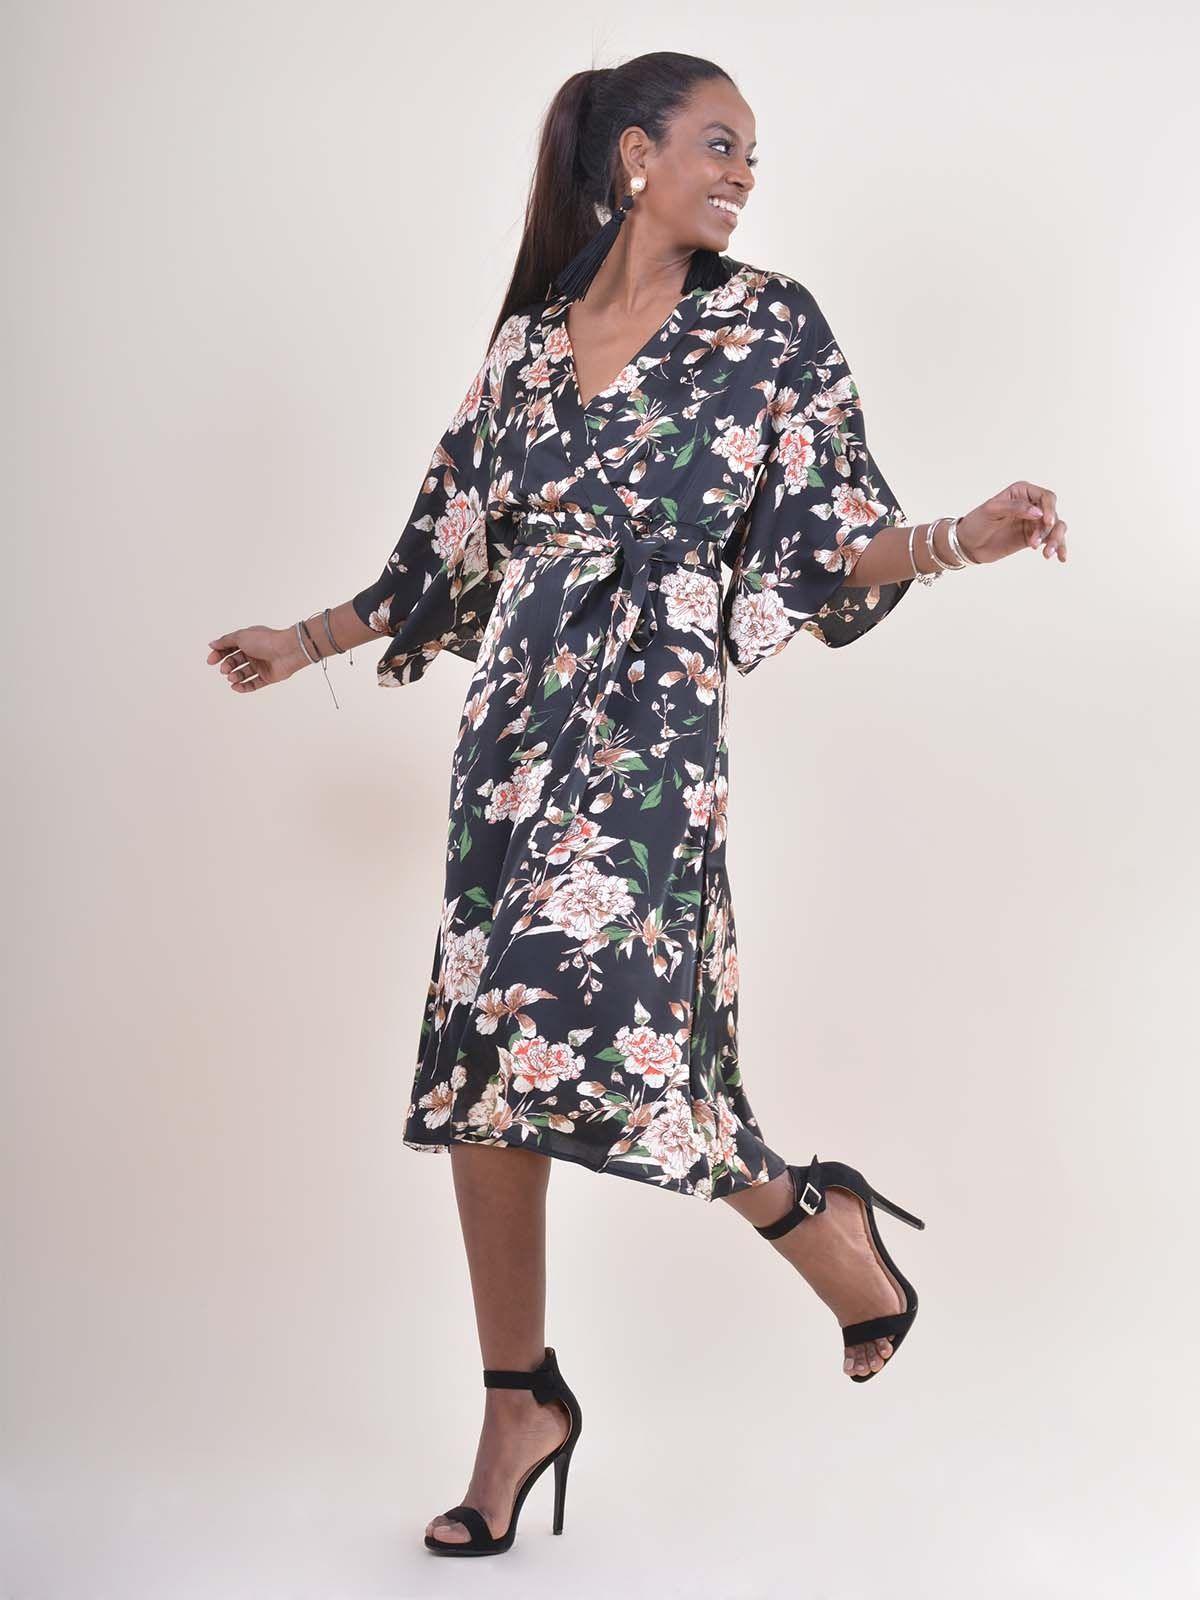 F81202 Φόρεμα floral μακρύ - Decoro - Γυναικεία ρούχα fbd2673cd99